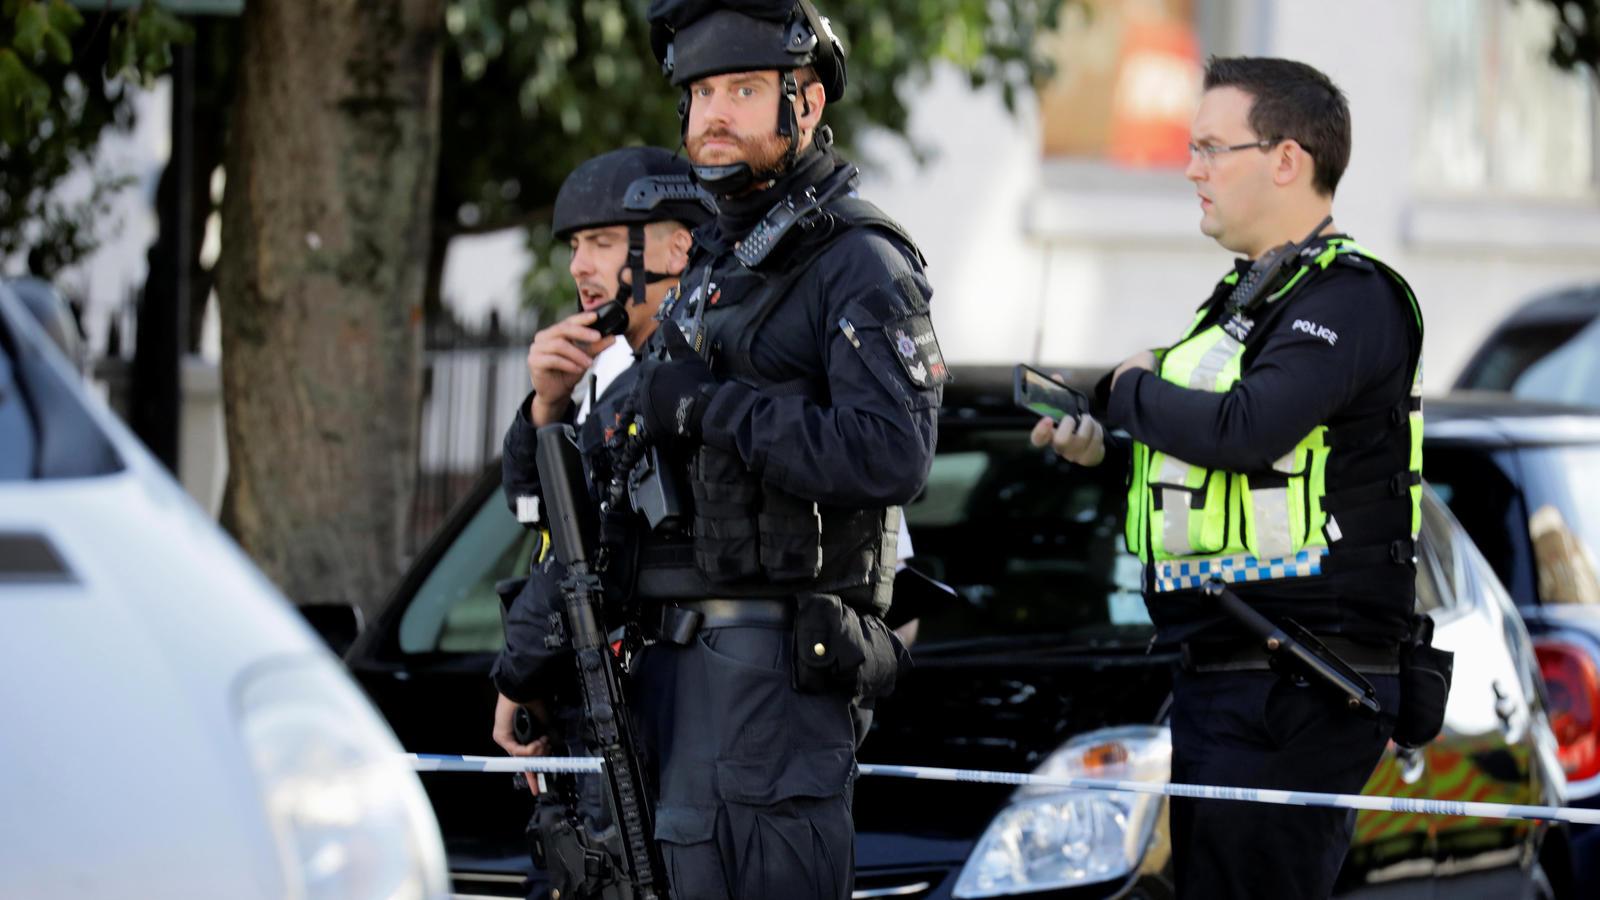 Berichte über Explosion und Verletzte in Londoner U-Bahn